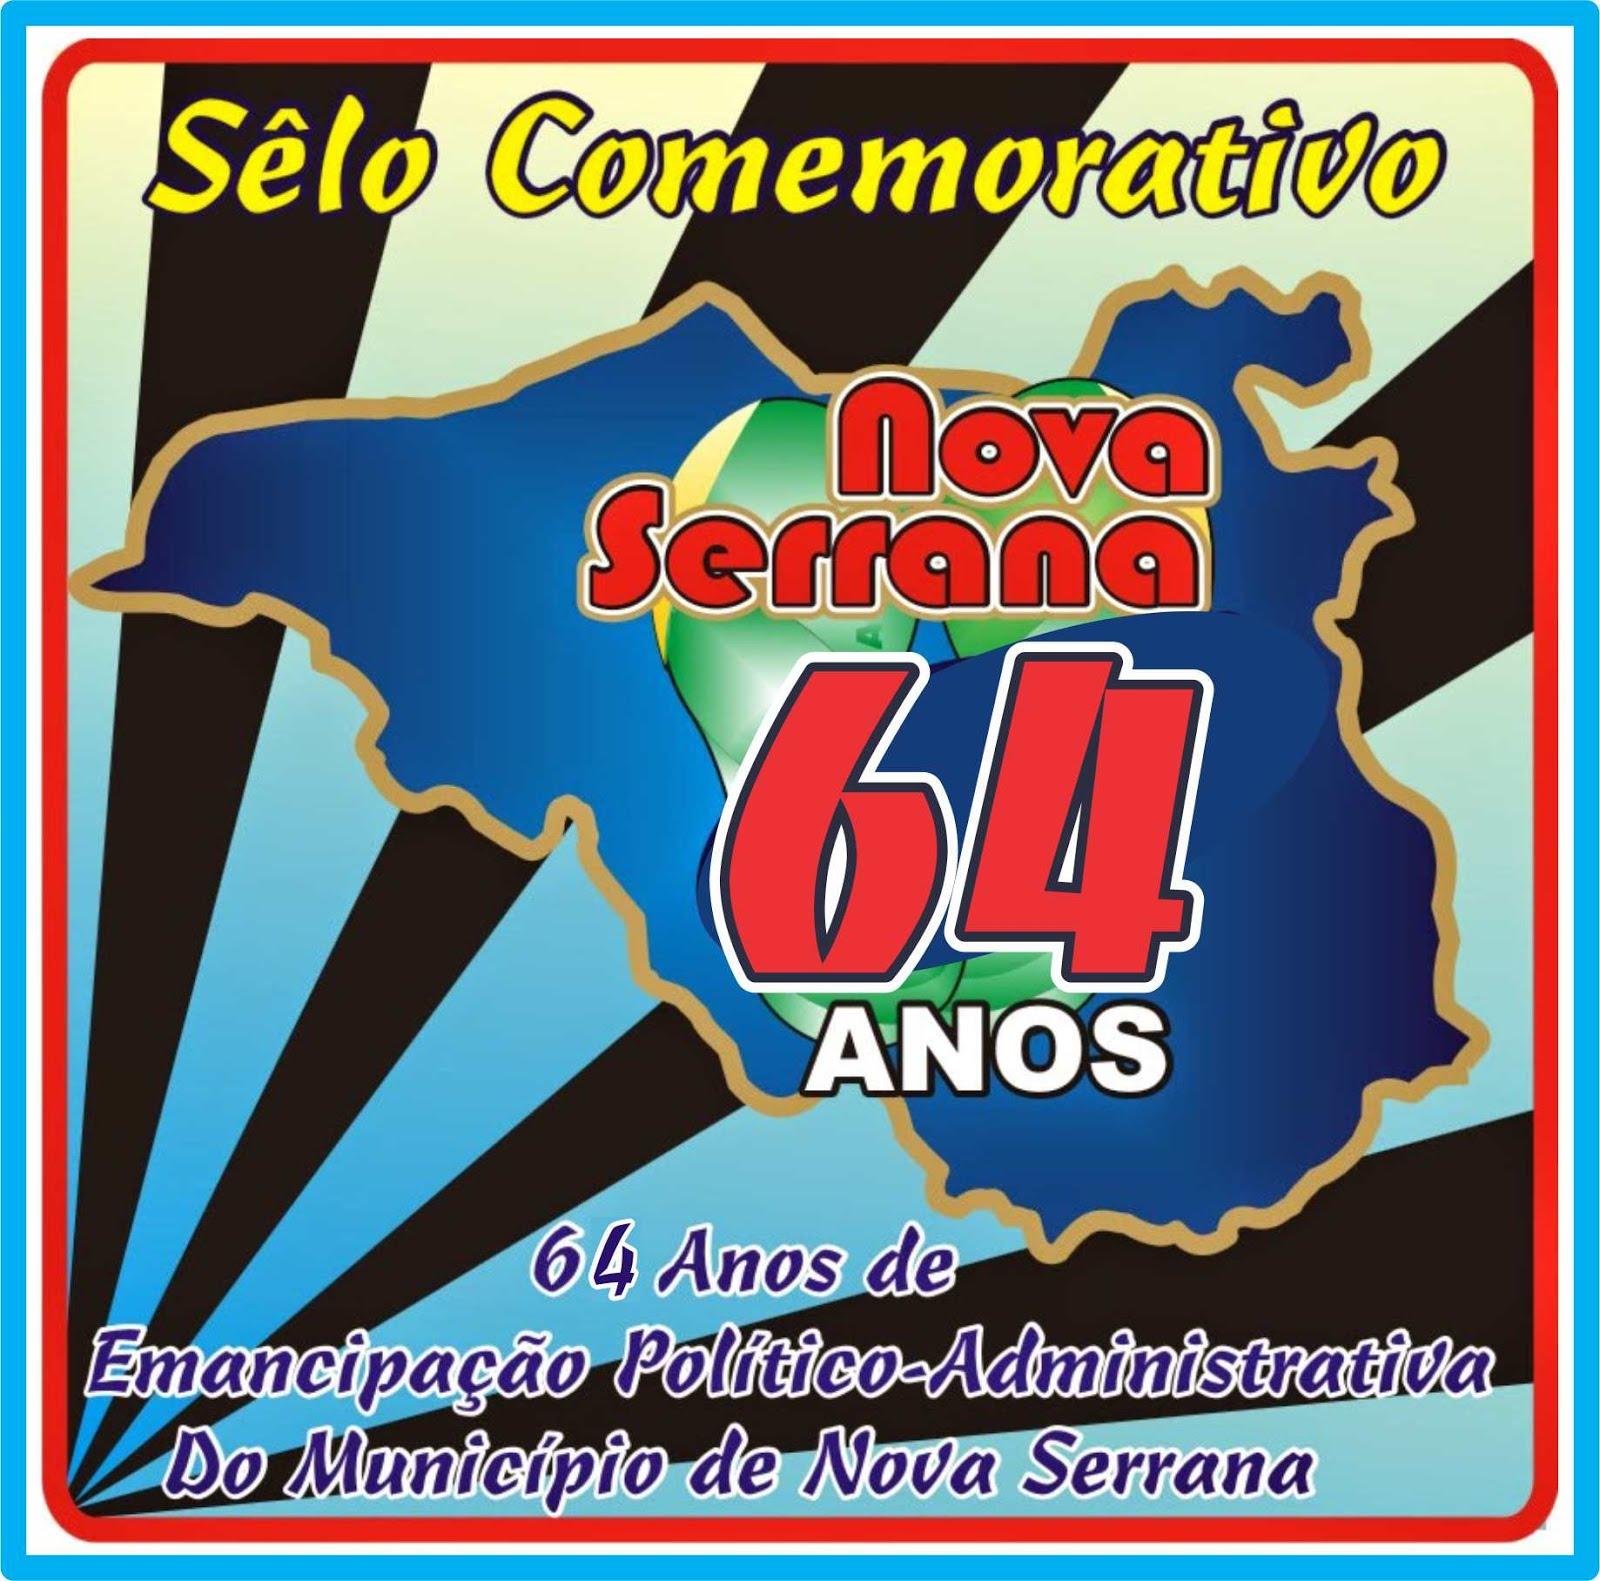 Sêlo Comemorativo dos 64 Anos de Emancipação de Nova Serrana